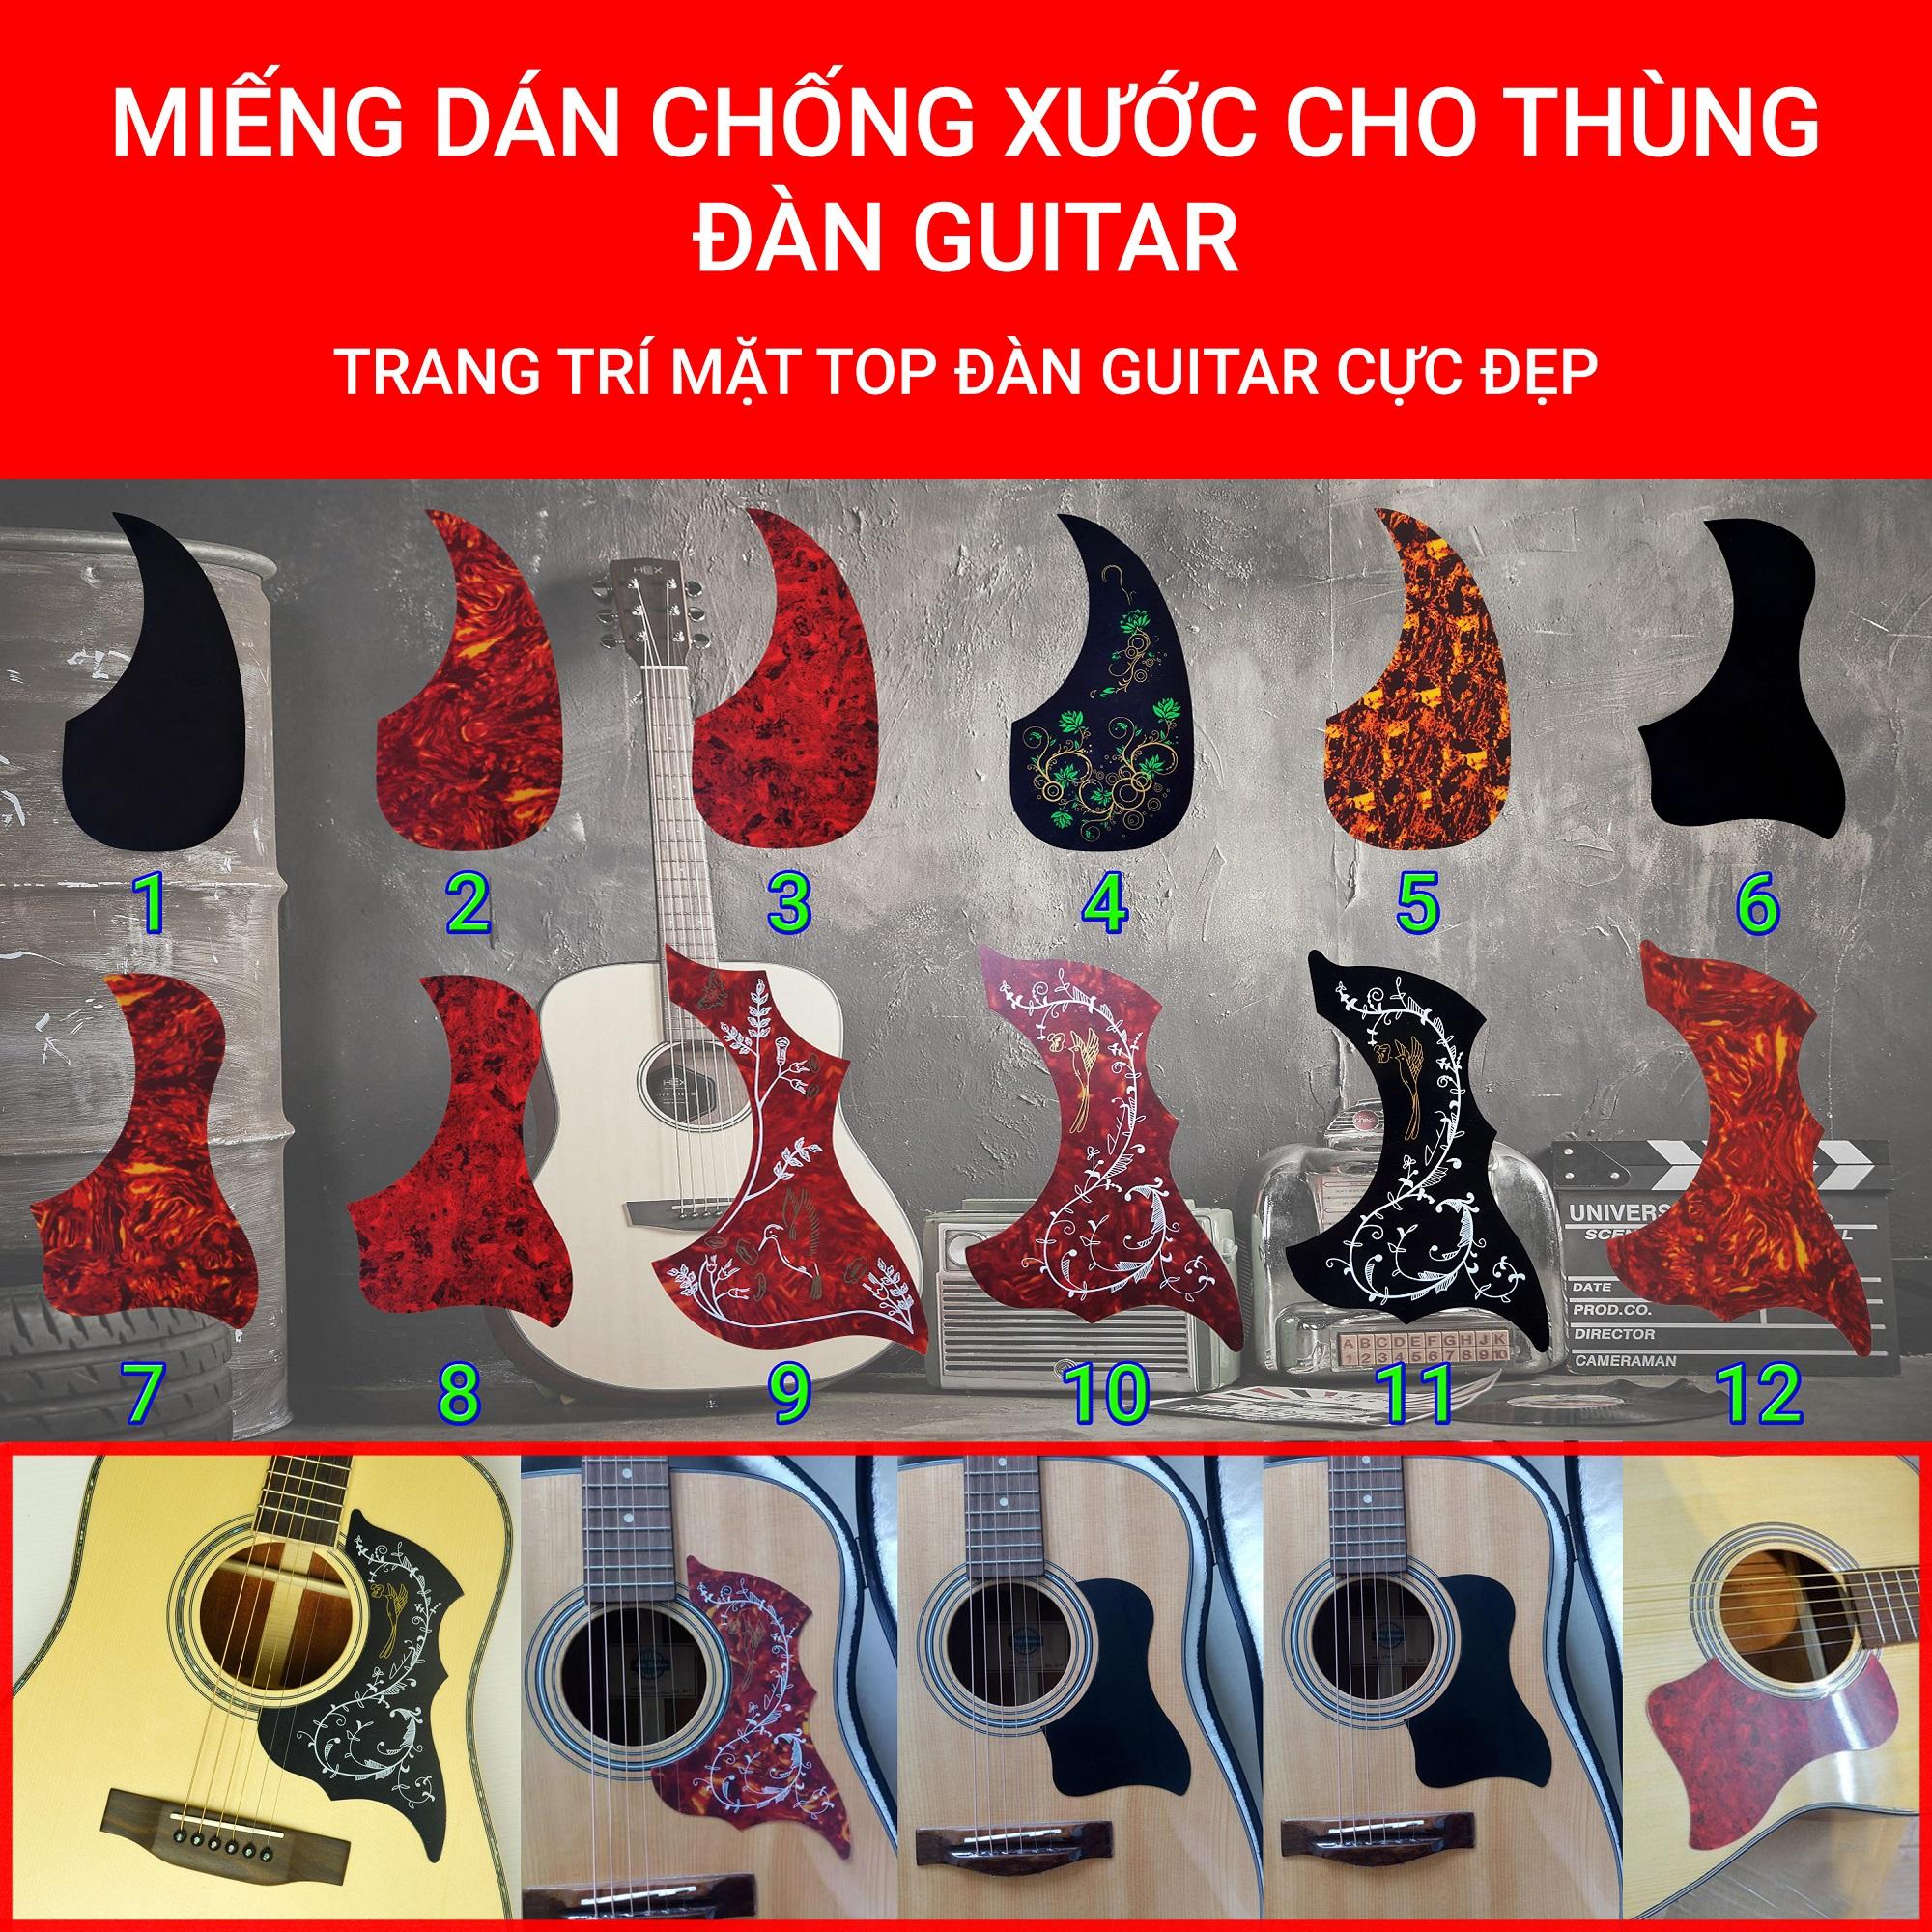 Hot Deal Khi Mua 12 MẪU | Miếng Dán Chống Xước Thùng đàn Guitar | Trang Trí Thùng đàn Guitar